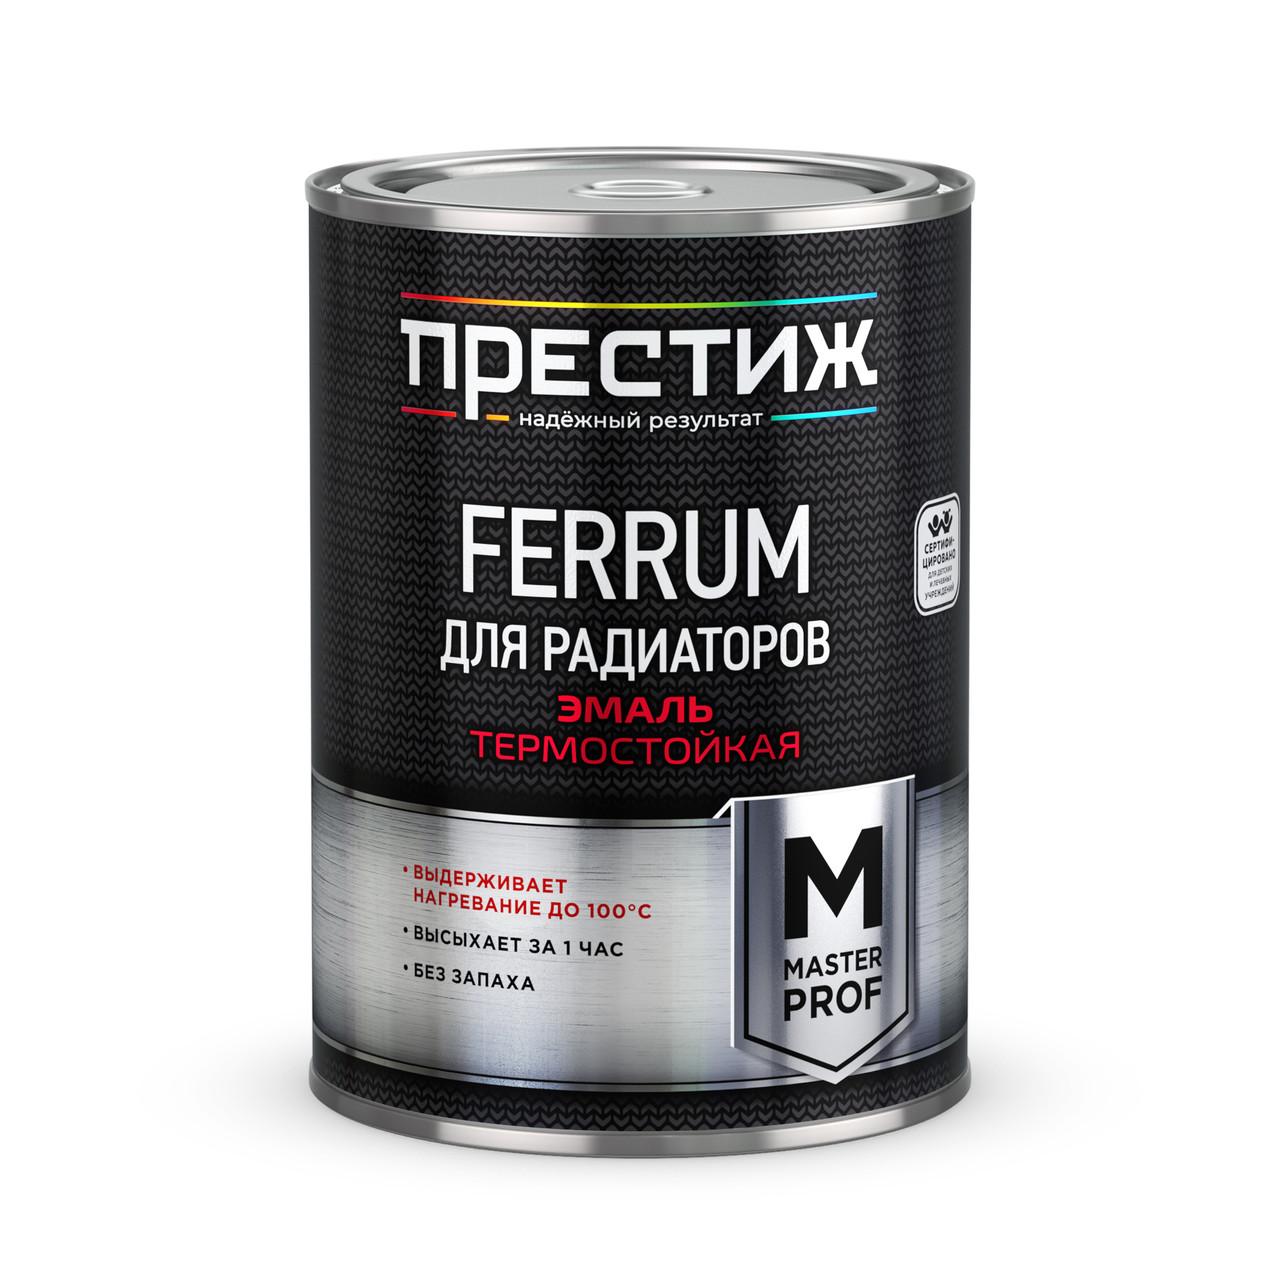 Эмаль для радиаторов акриловая Ferrum